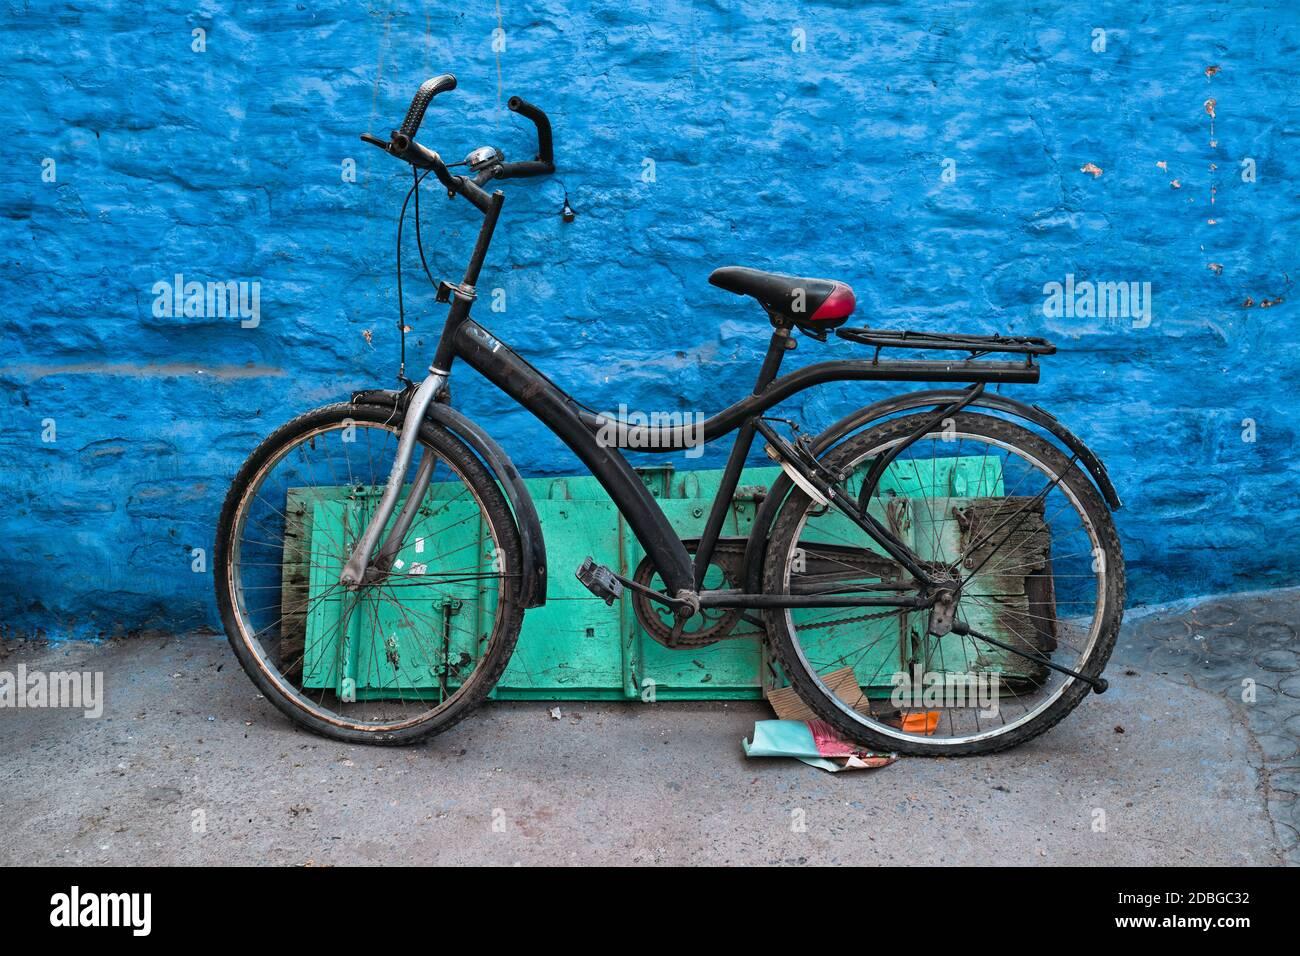 Vieux vélo au mur de la maison bleue dans les rues de Jodhpur, également connu comme ville bleue en raison des maisons de Brahmin peintes en bleu vif, Jodhpur, Rajasth Banque D'Images